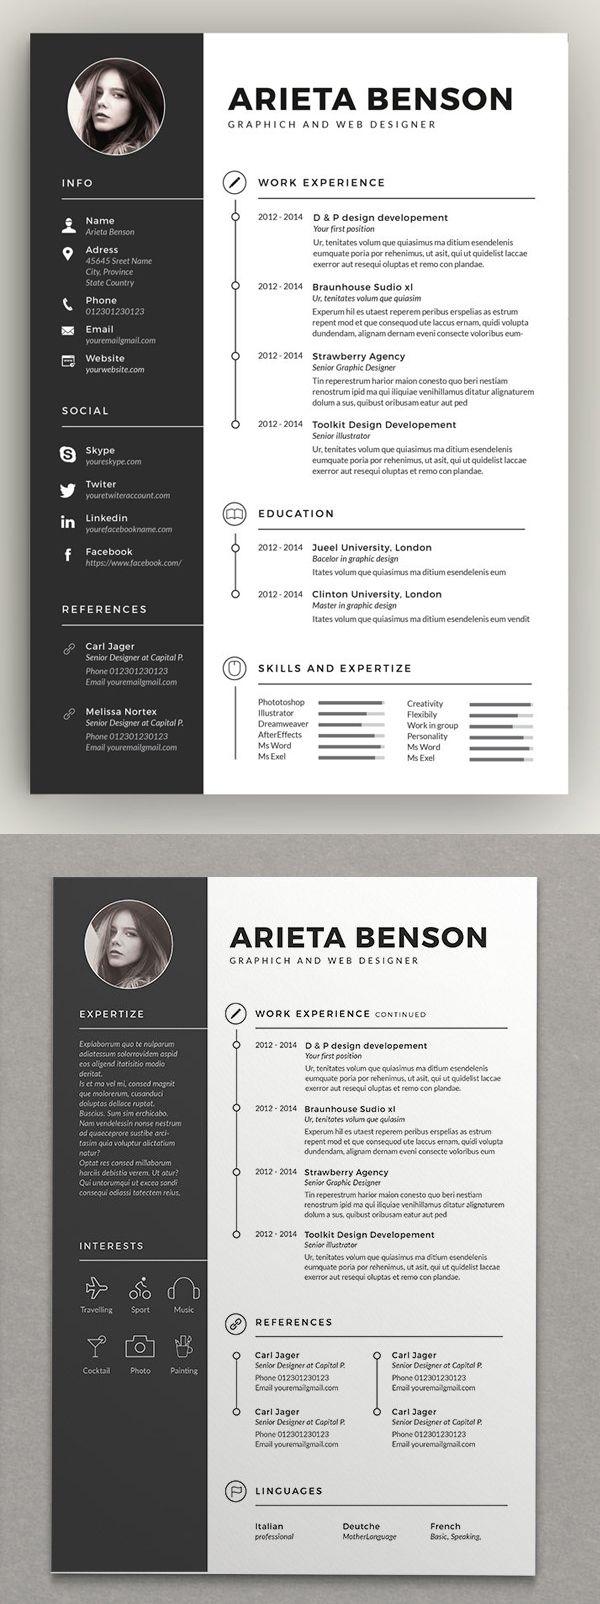 Resume Templates Clean Design Design Graphic Design Junction Resume Design Template Graphic Design Resume Creative Resume Templates